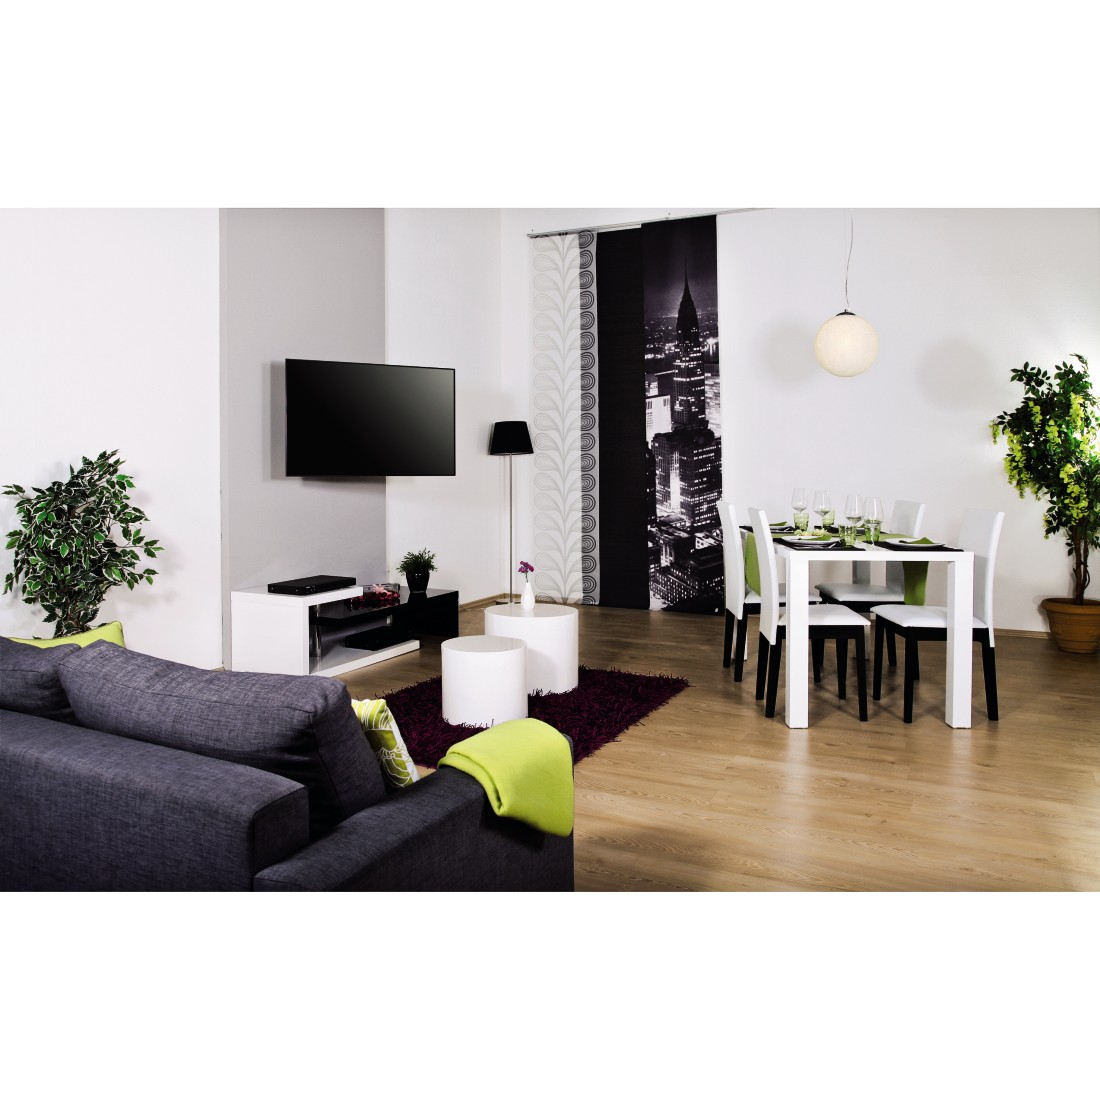 hama.com | 00116225 Hama TV Wall Bracket for TVs up to 229 cm (90 ...